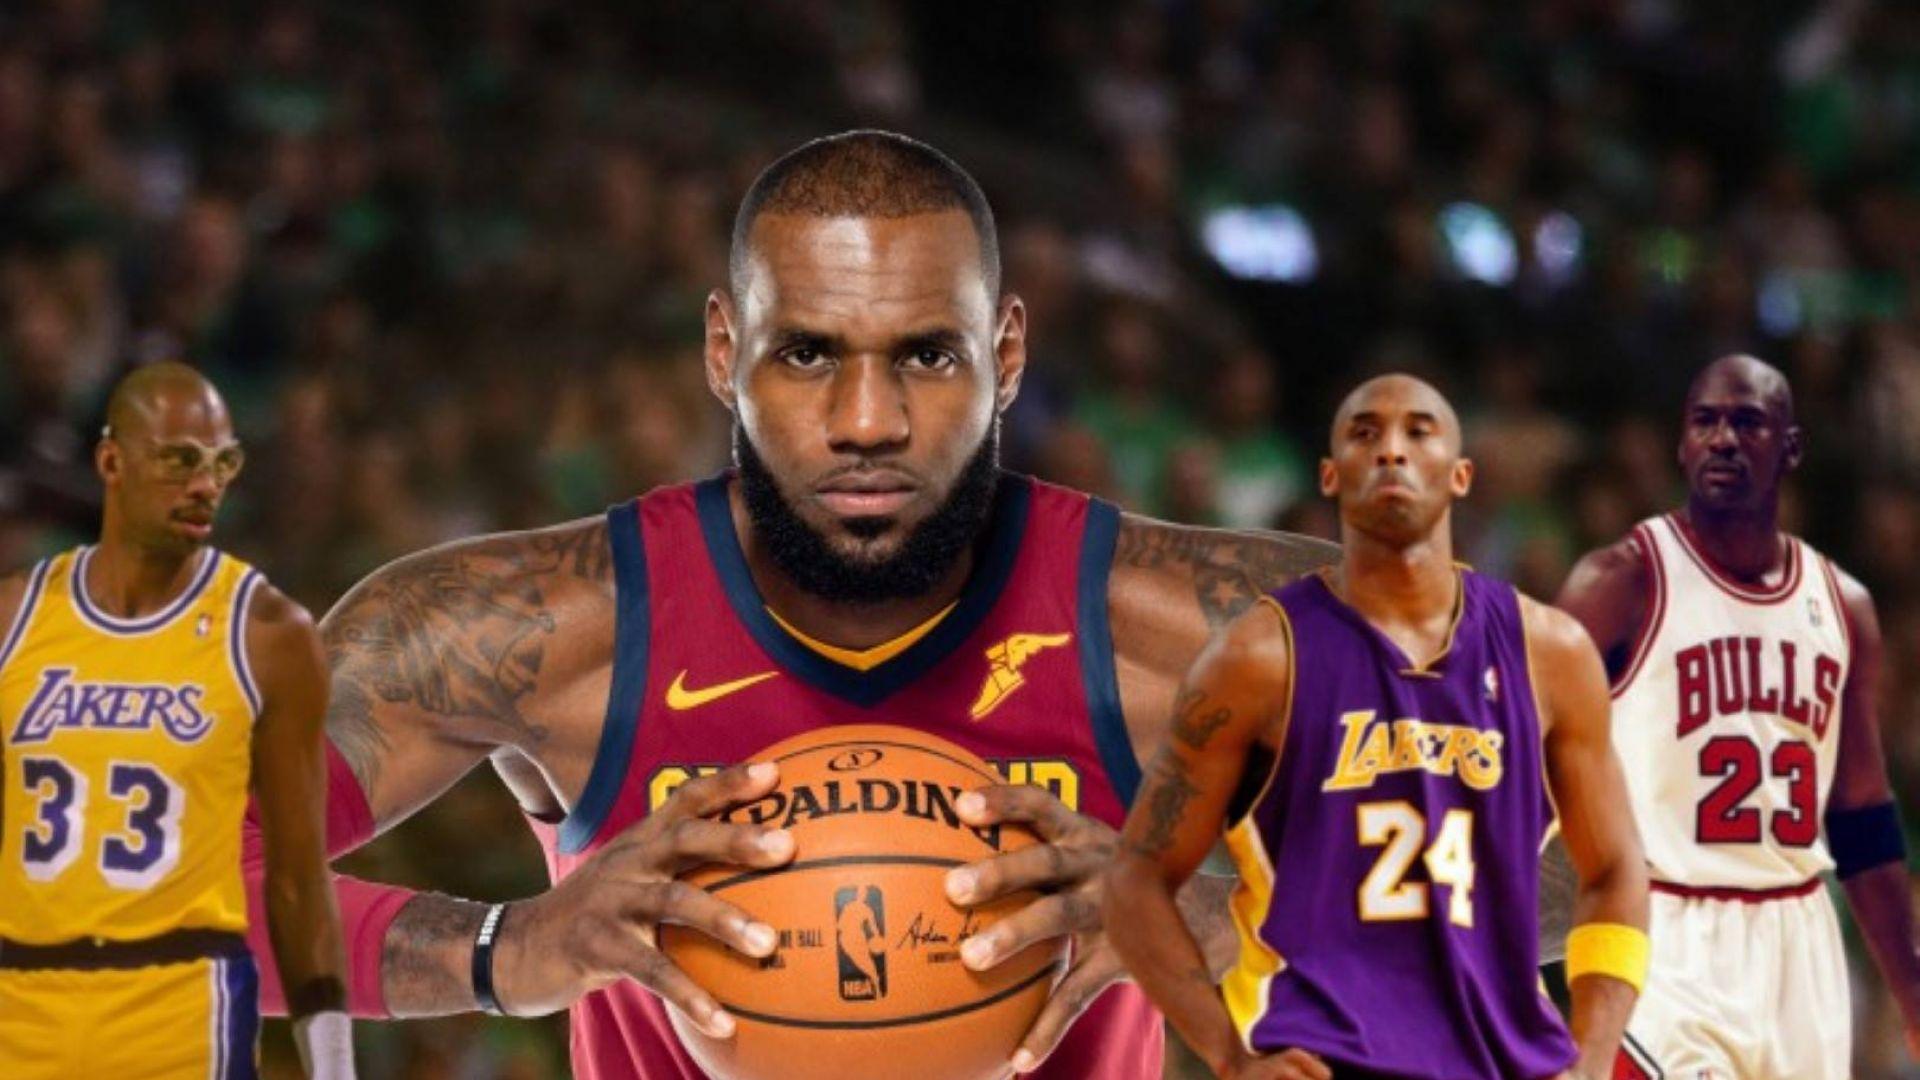 Може ли Крал Леброн да бъде най-великият в баскетбола?